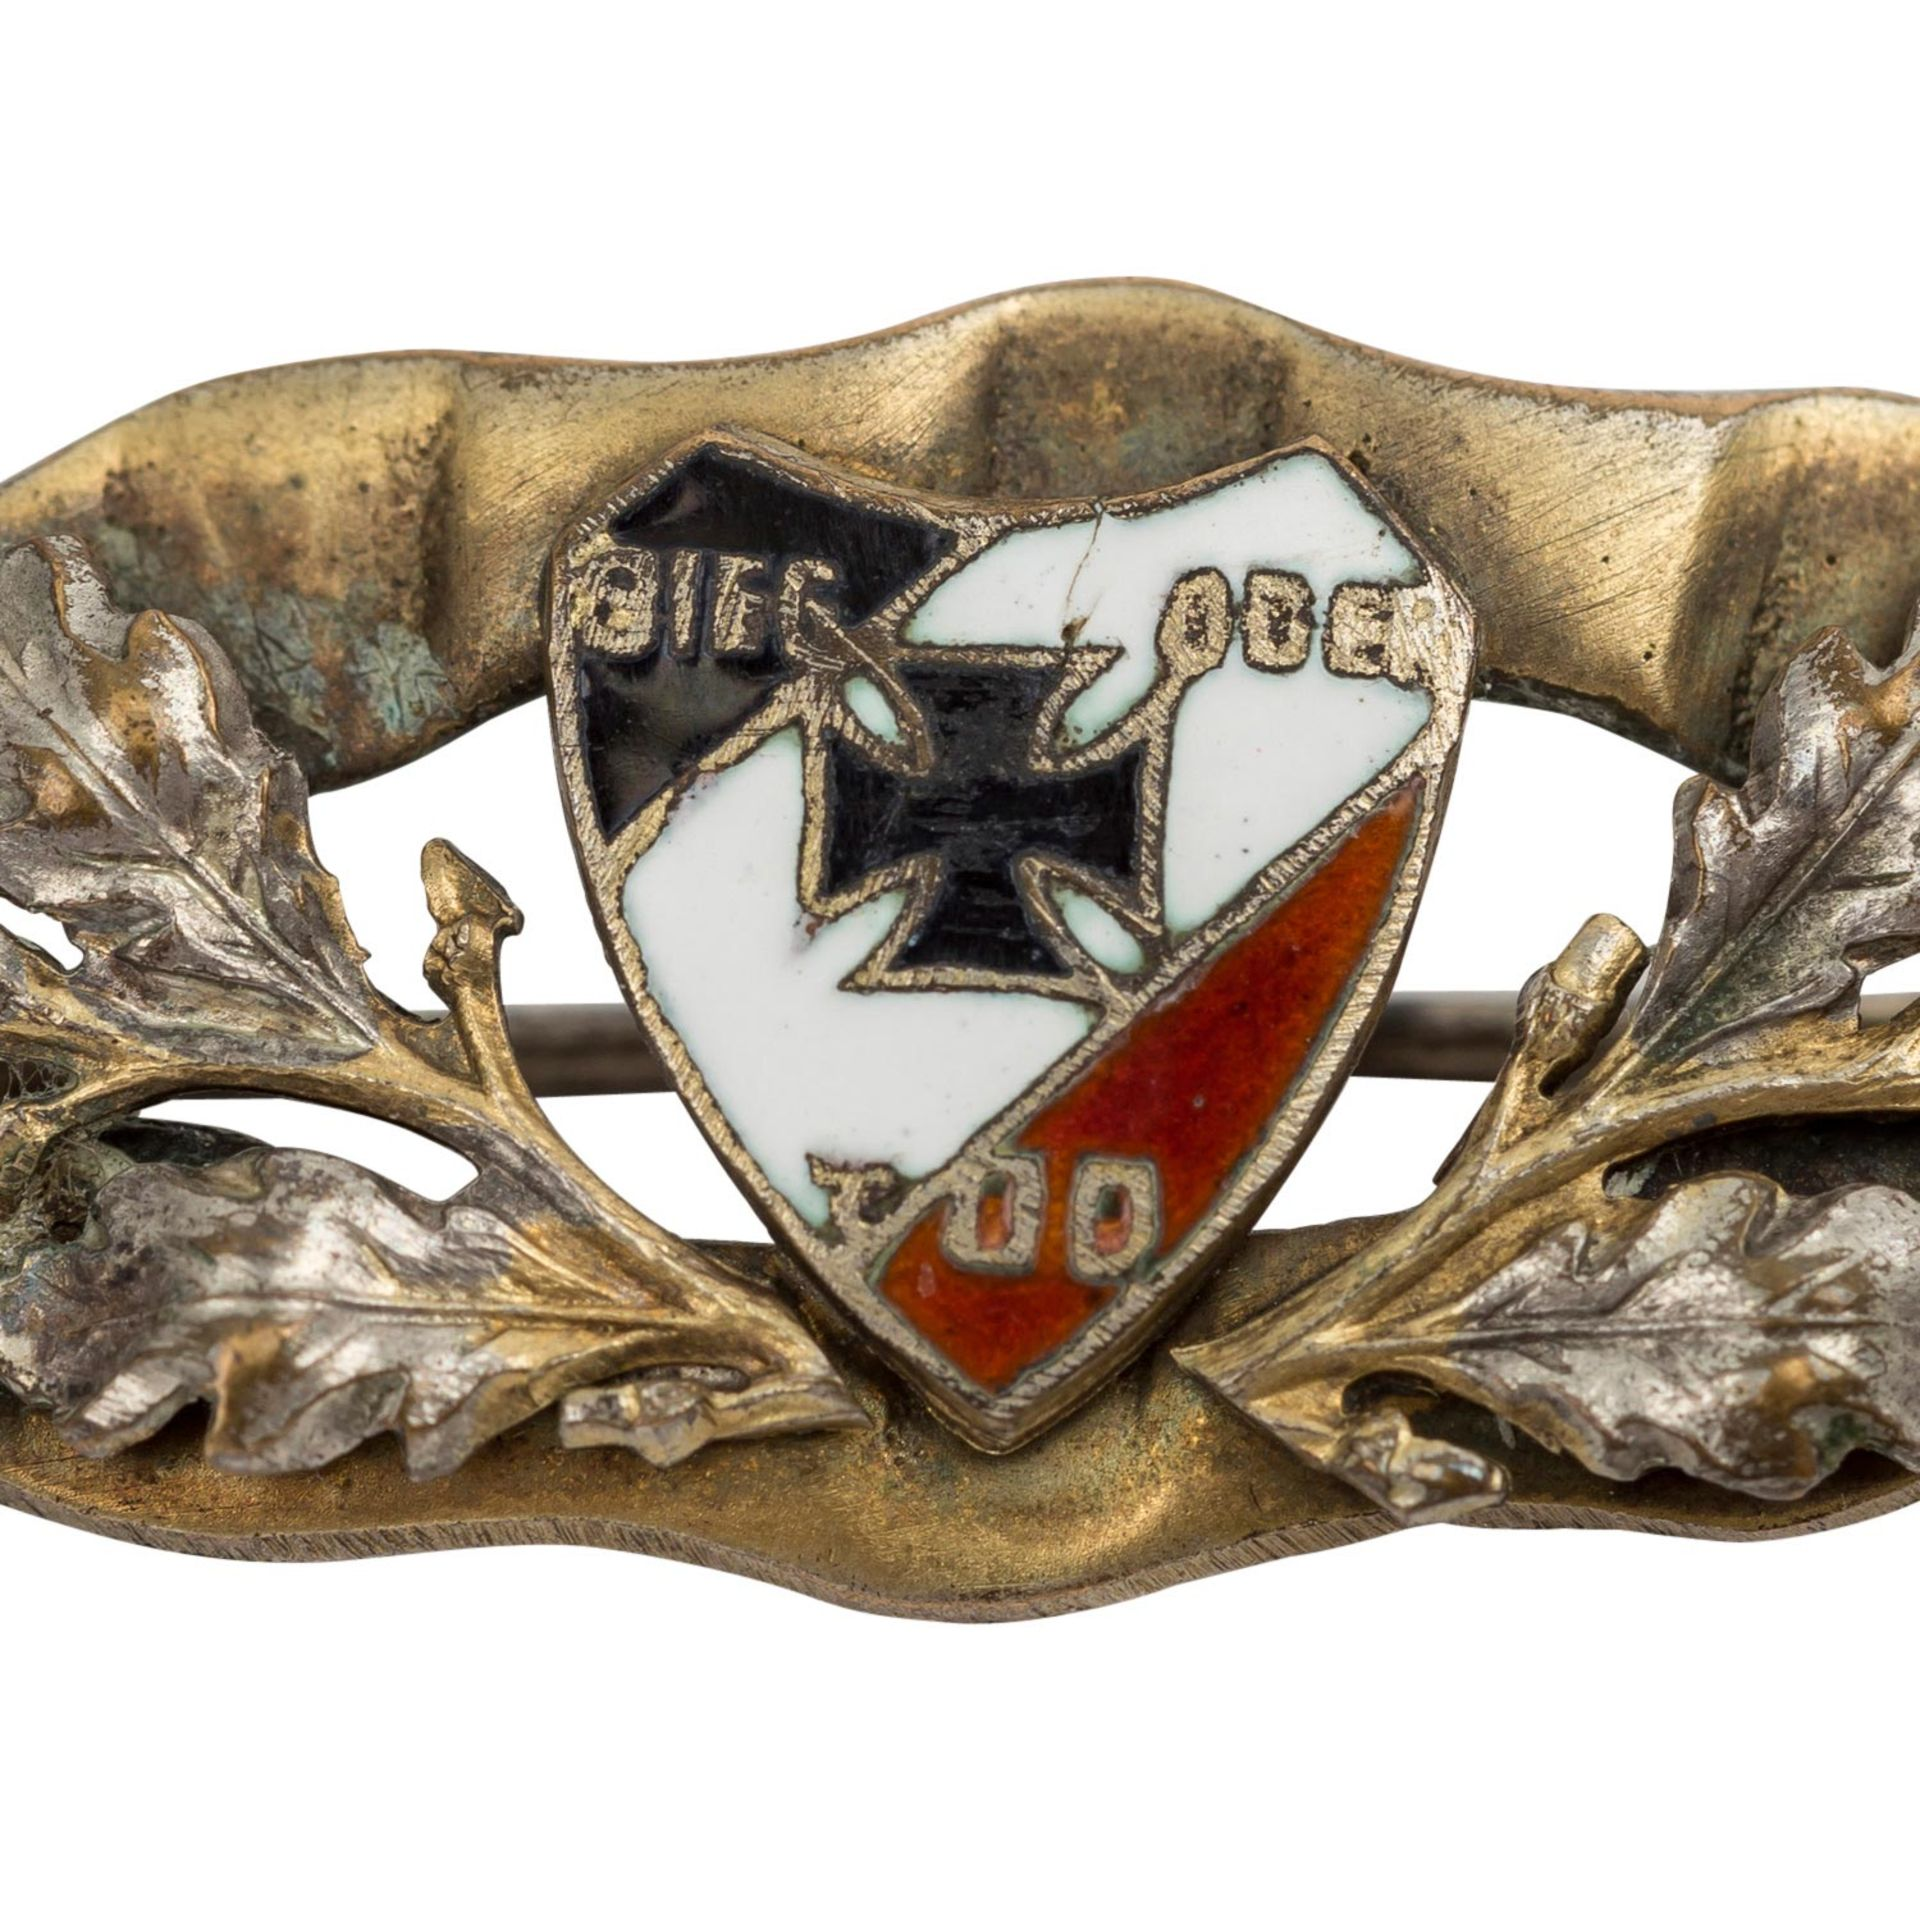 Deutsches Reich 1933-1945 - Silberfarbene Brosche - Image 2 of 2